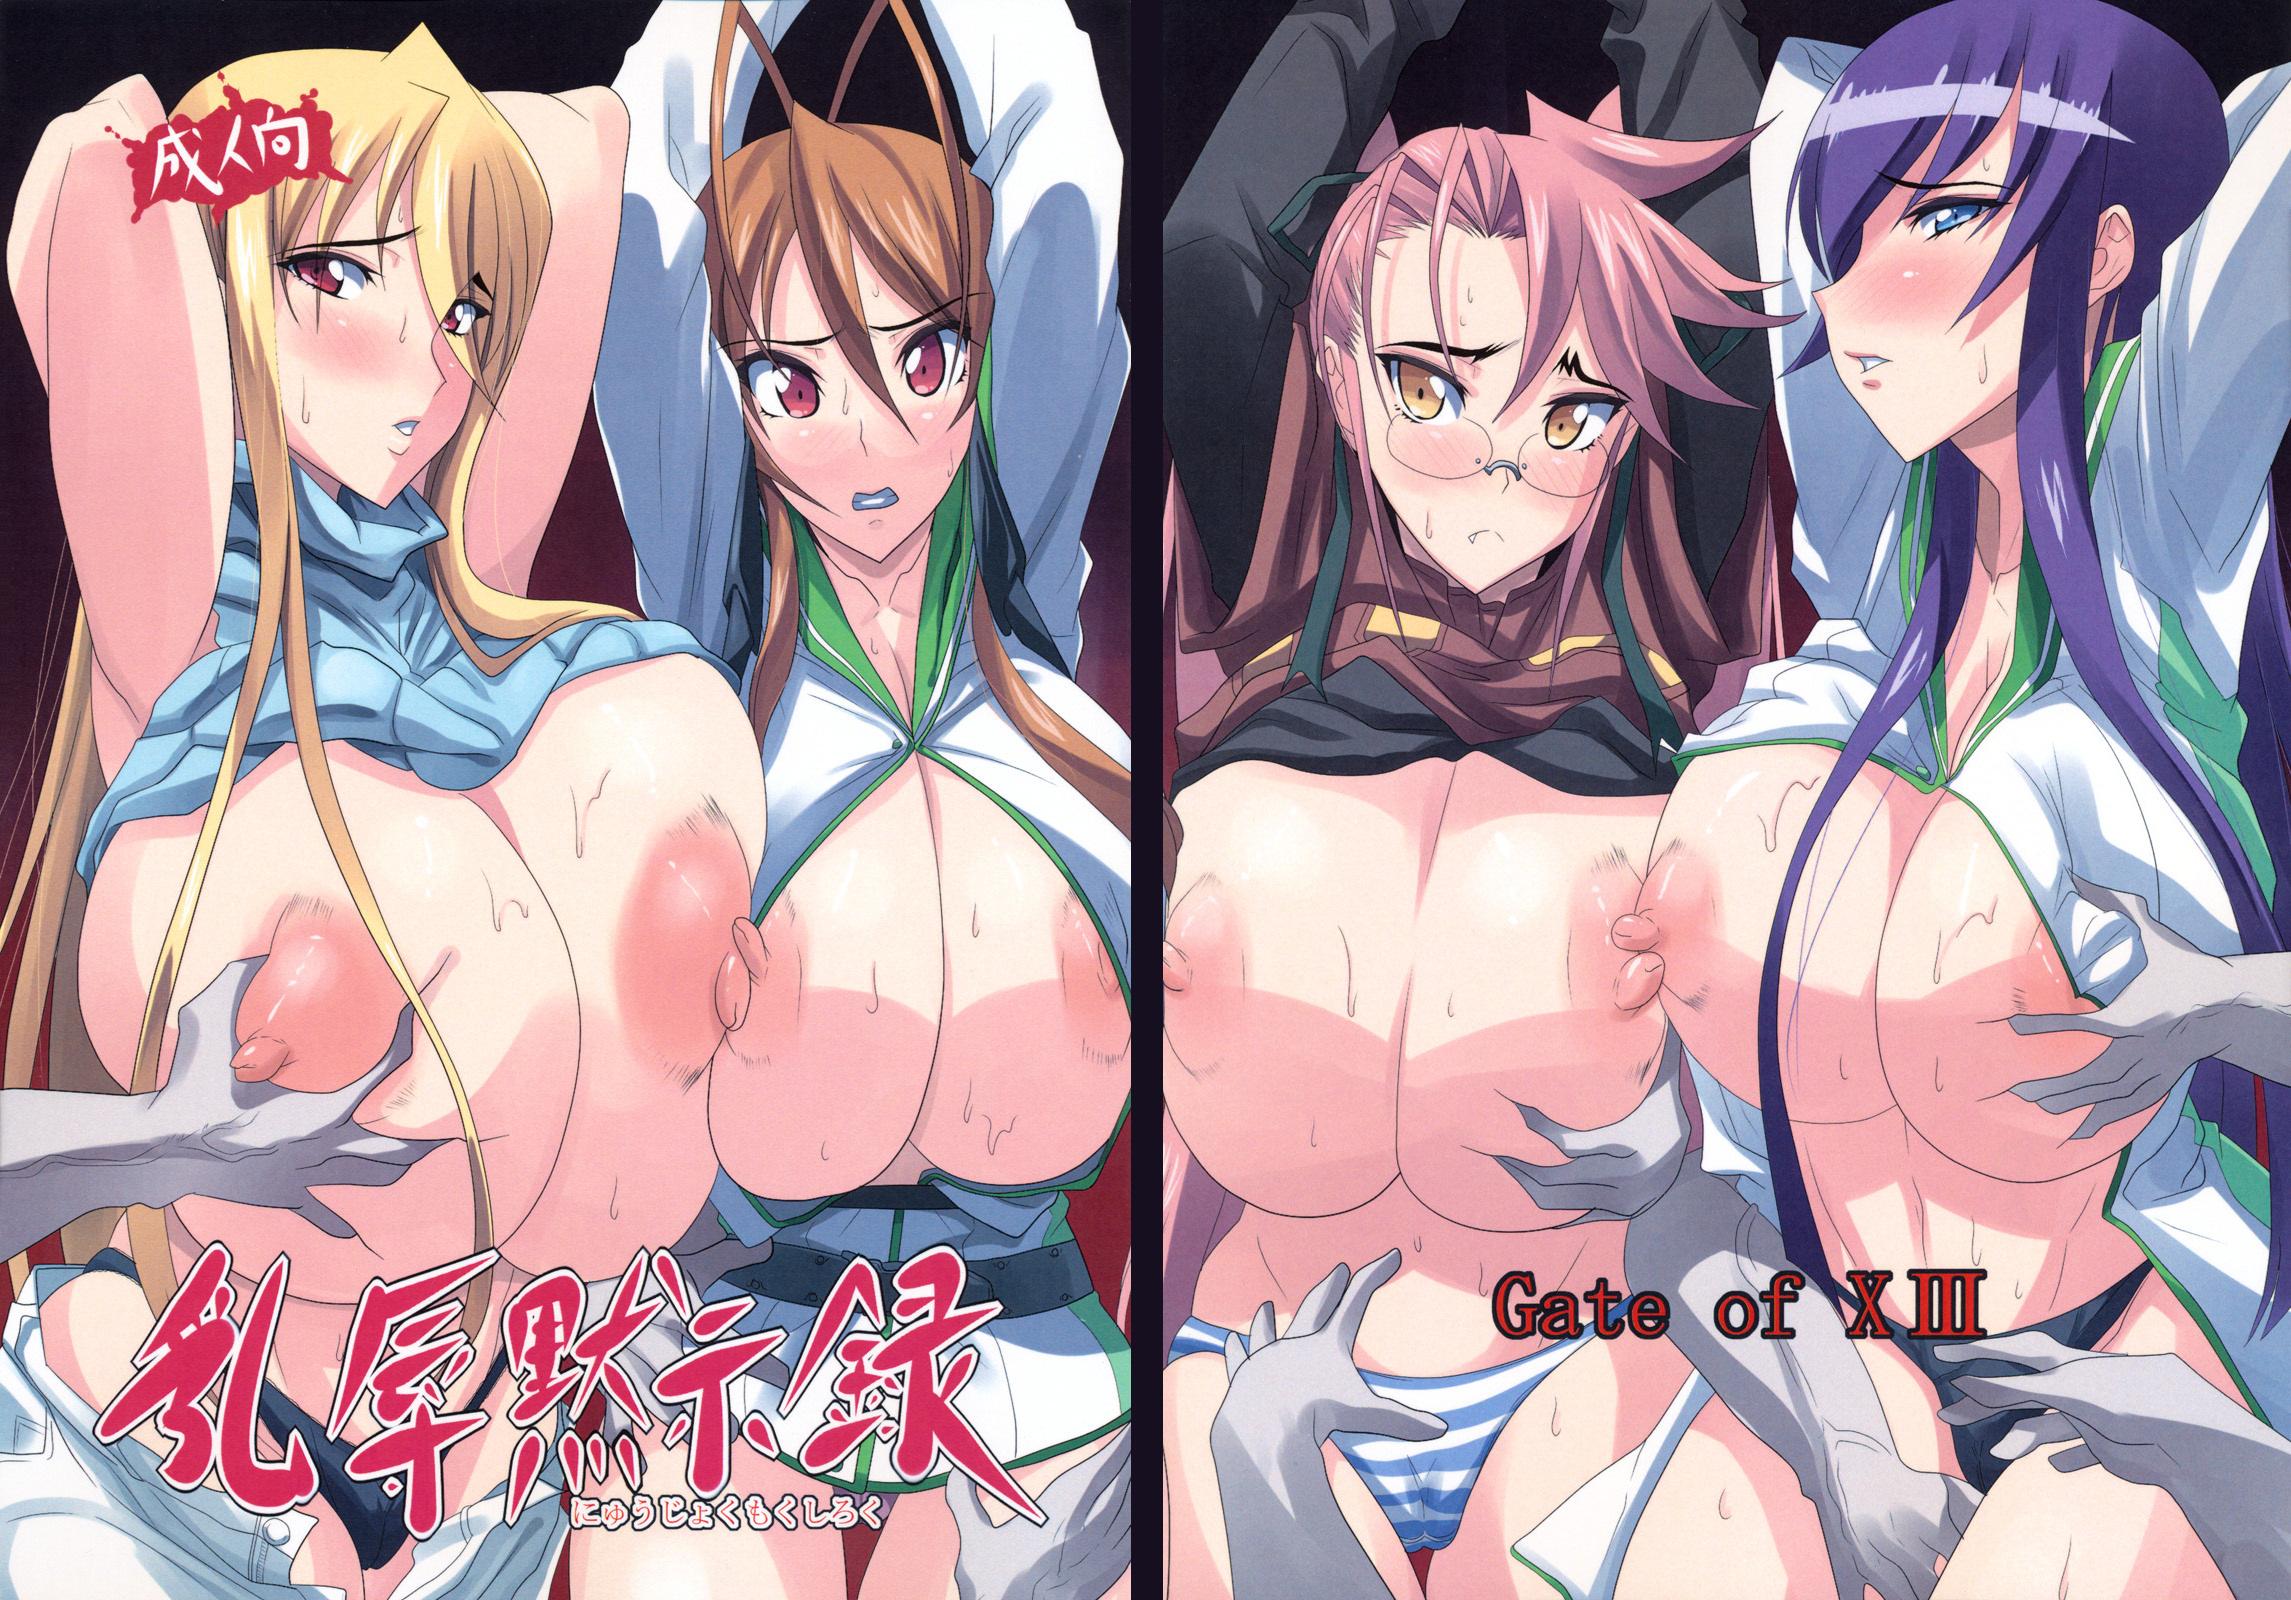 (highschool marikawa dead) the shizuka of Legend of zelda 3d porn